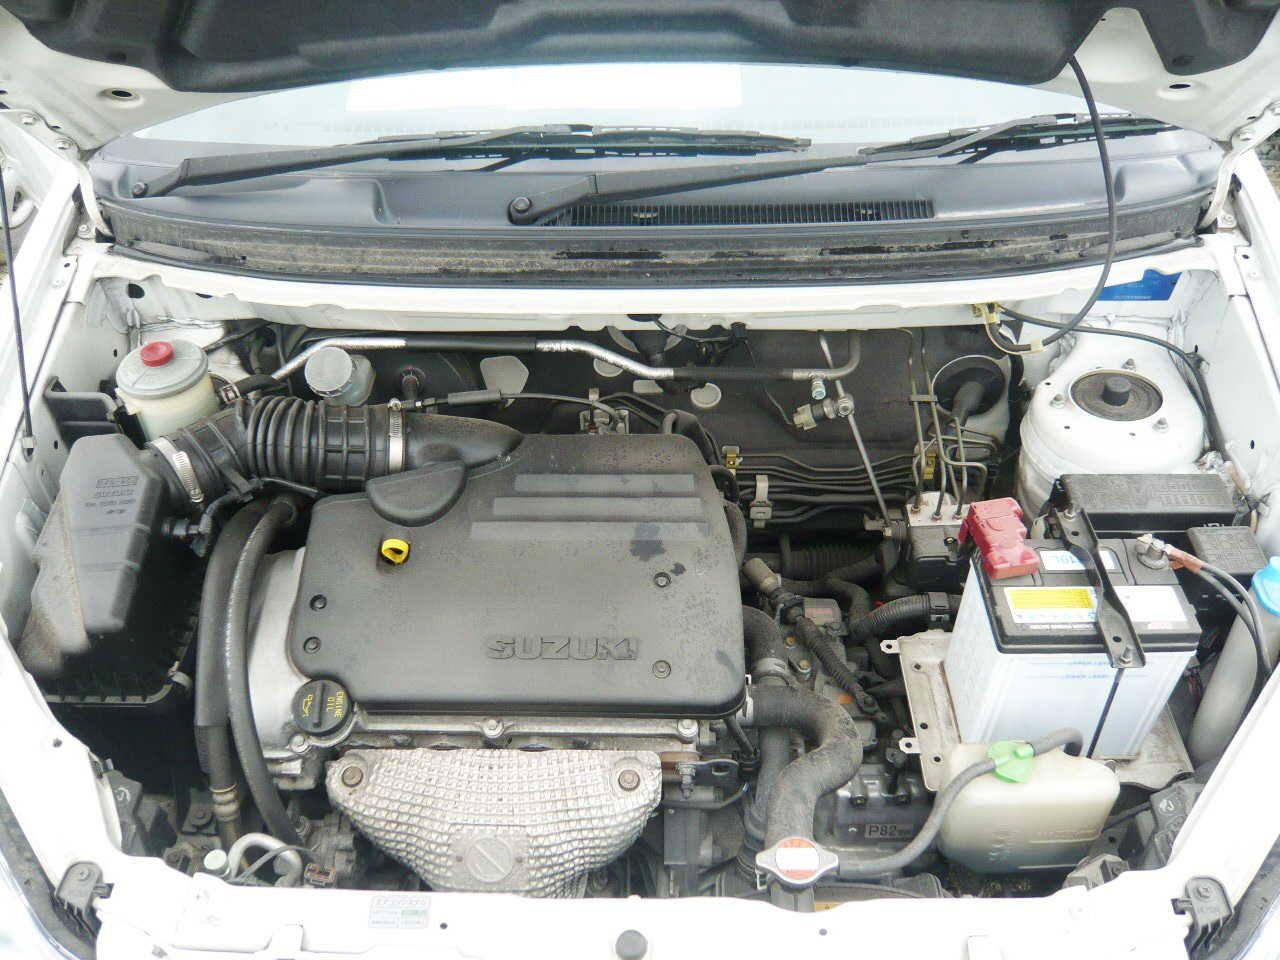 medium resolution of 2007 suzuki forenza gas engine gas 20l part name 2007 suzuki 742336633976c06d258440b7b9149bb5 500532946061314274 of suzuki